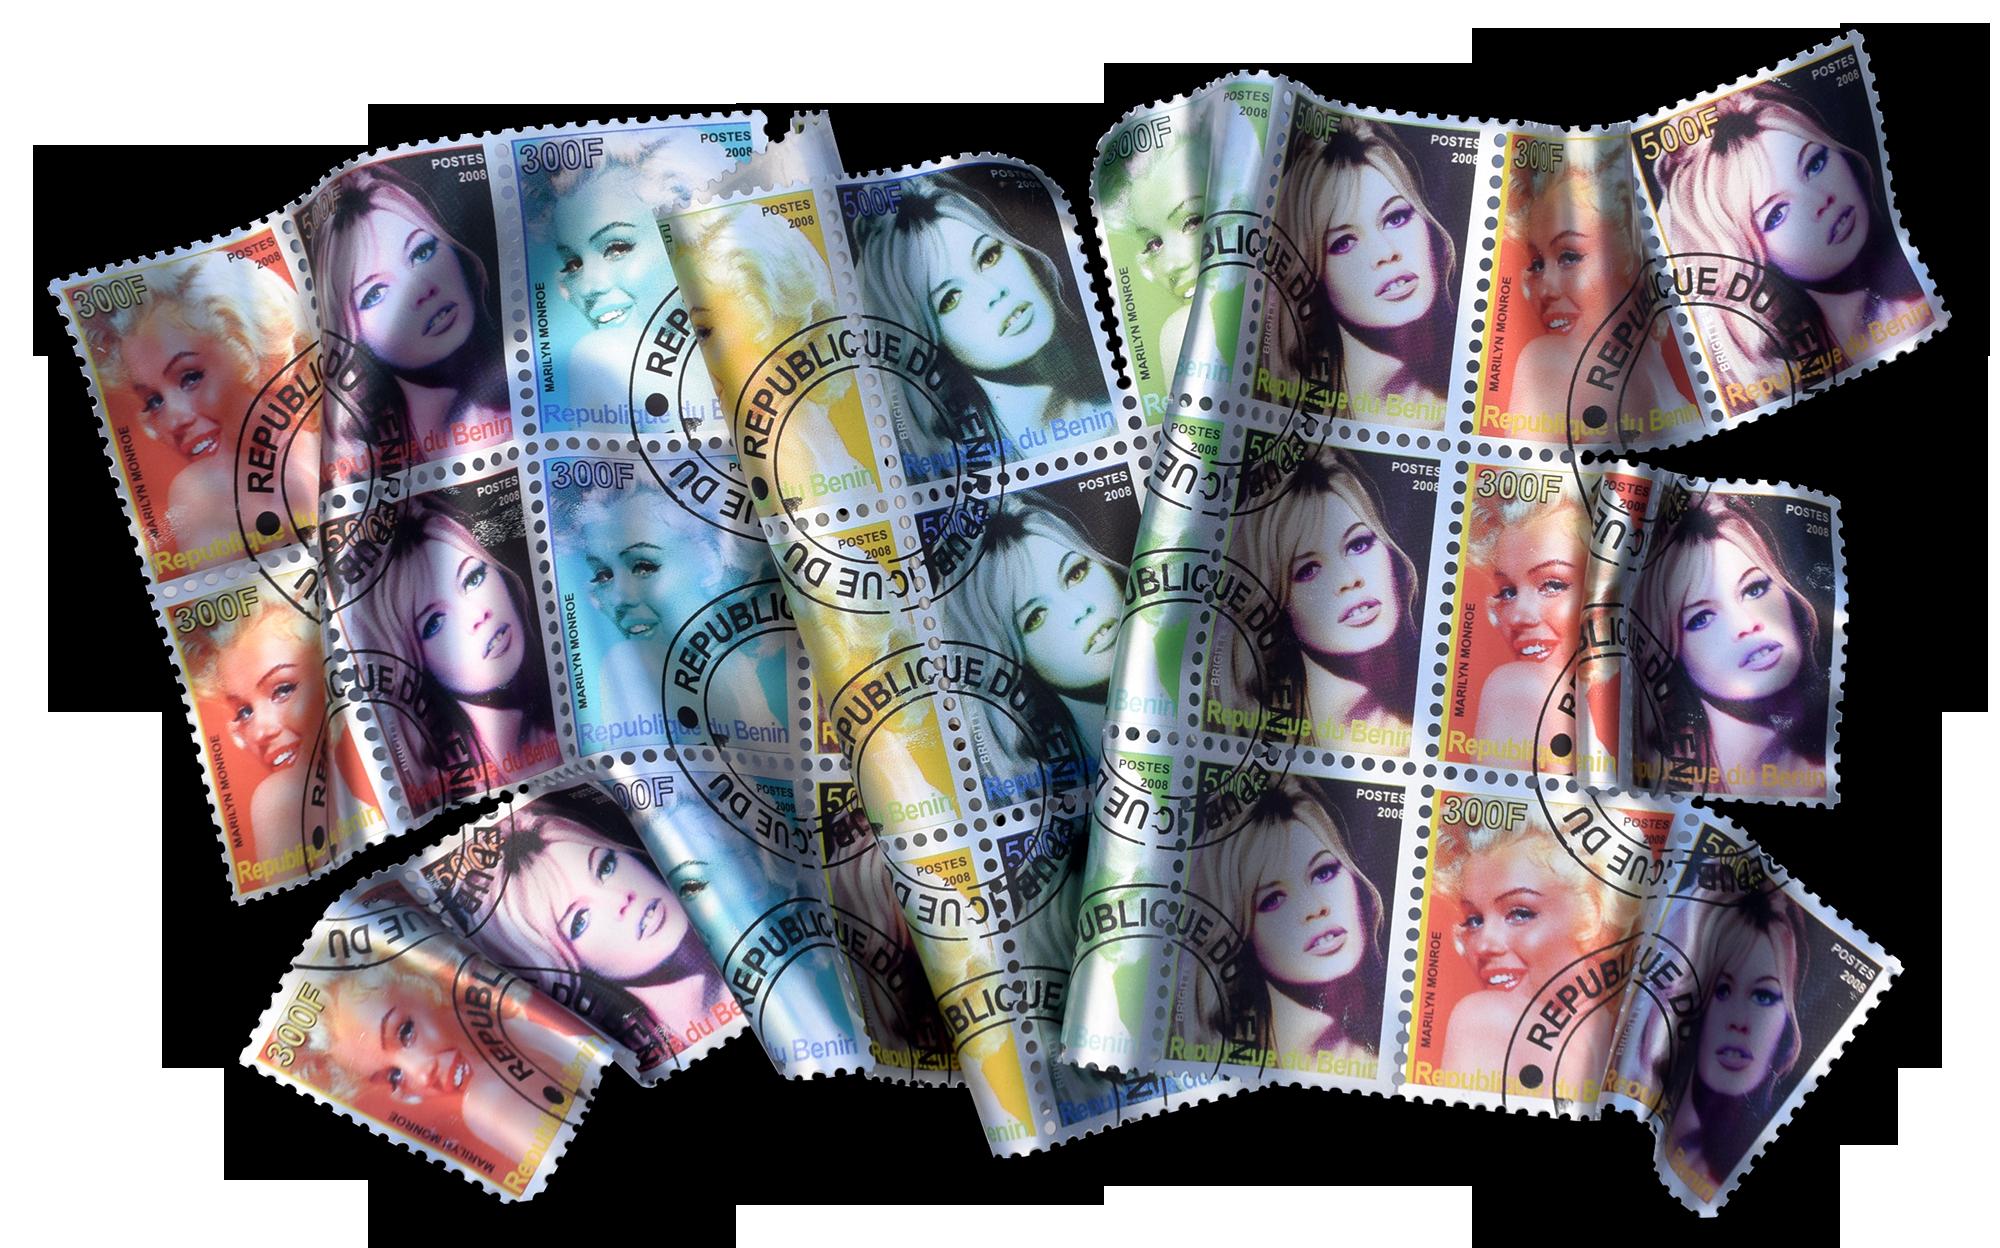 Floyd Douglas - Marilyn / Brigitte stamps , 0656-012-008